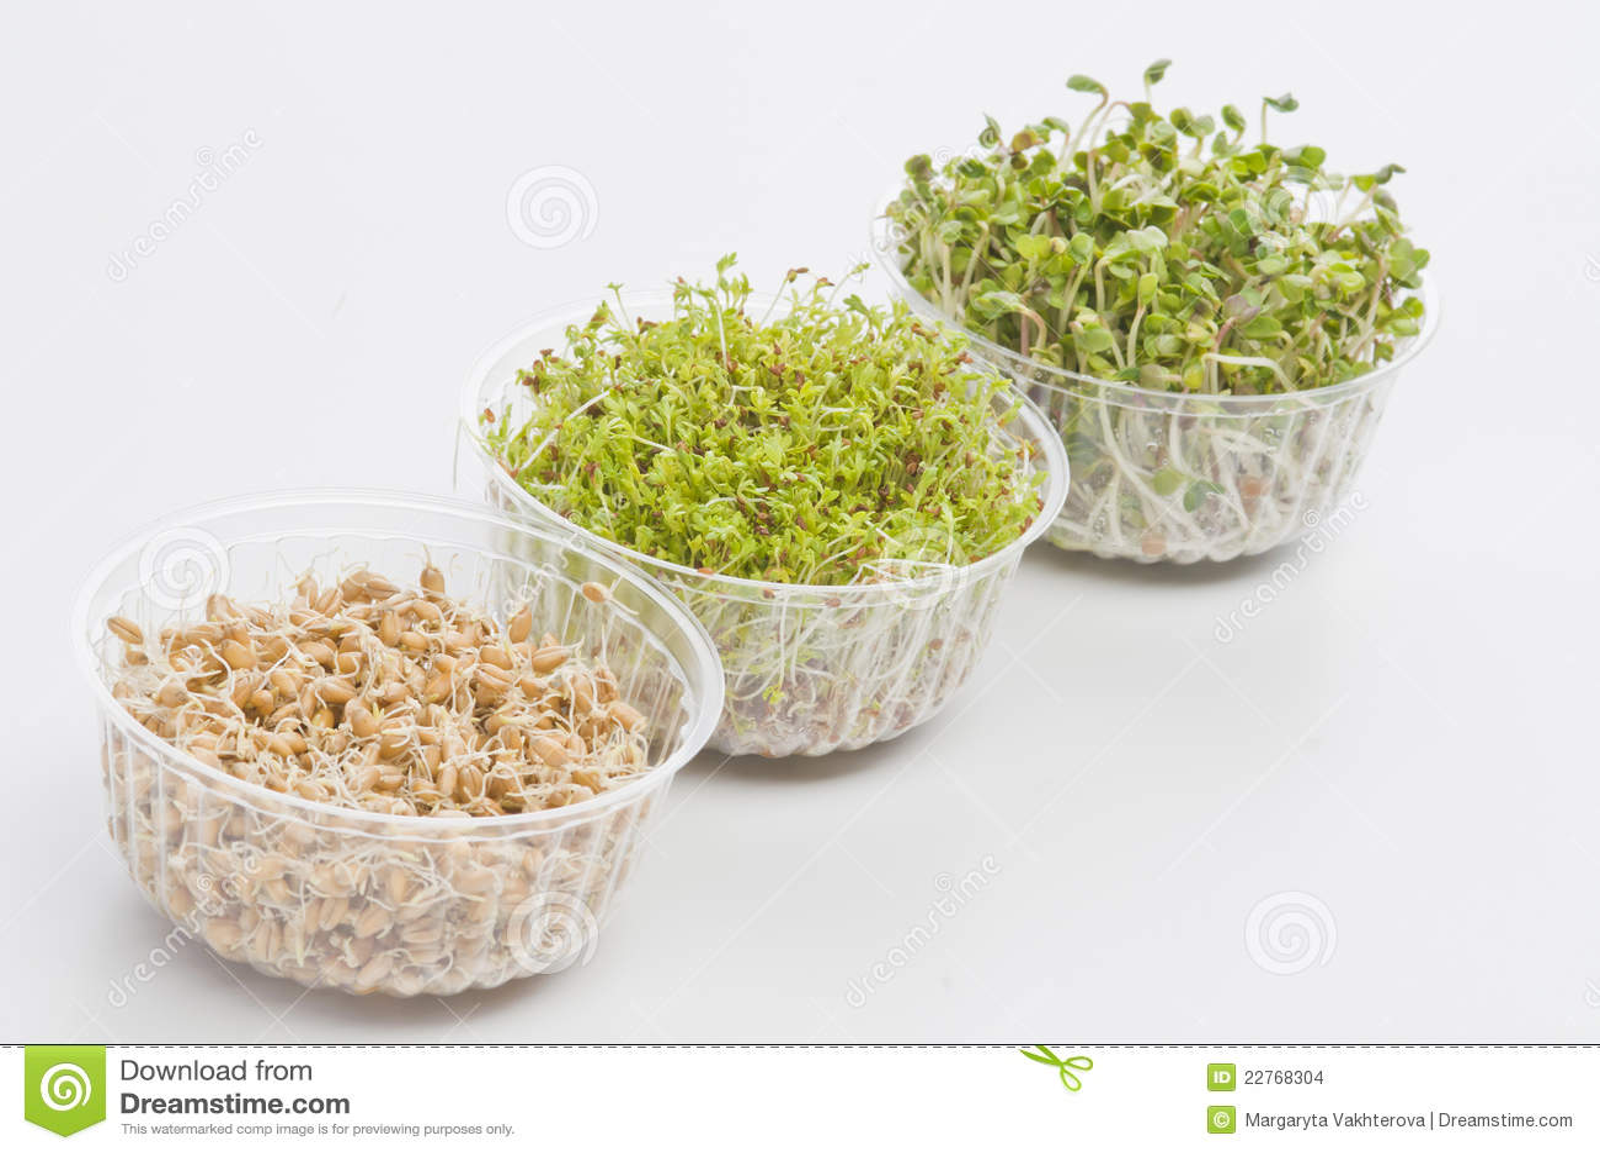 Как прорастить семена редиса в домашних условиях